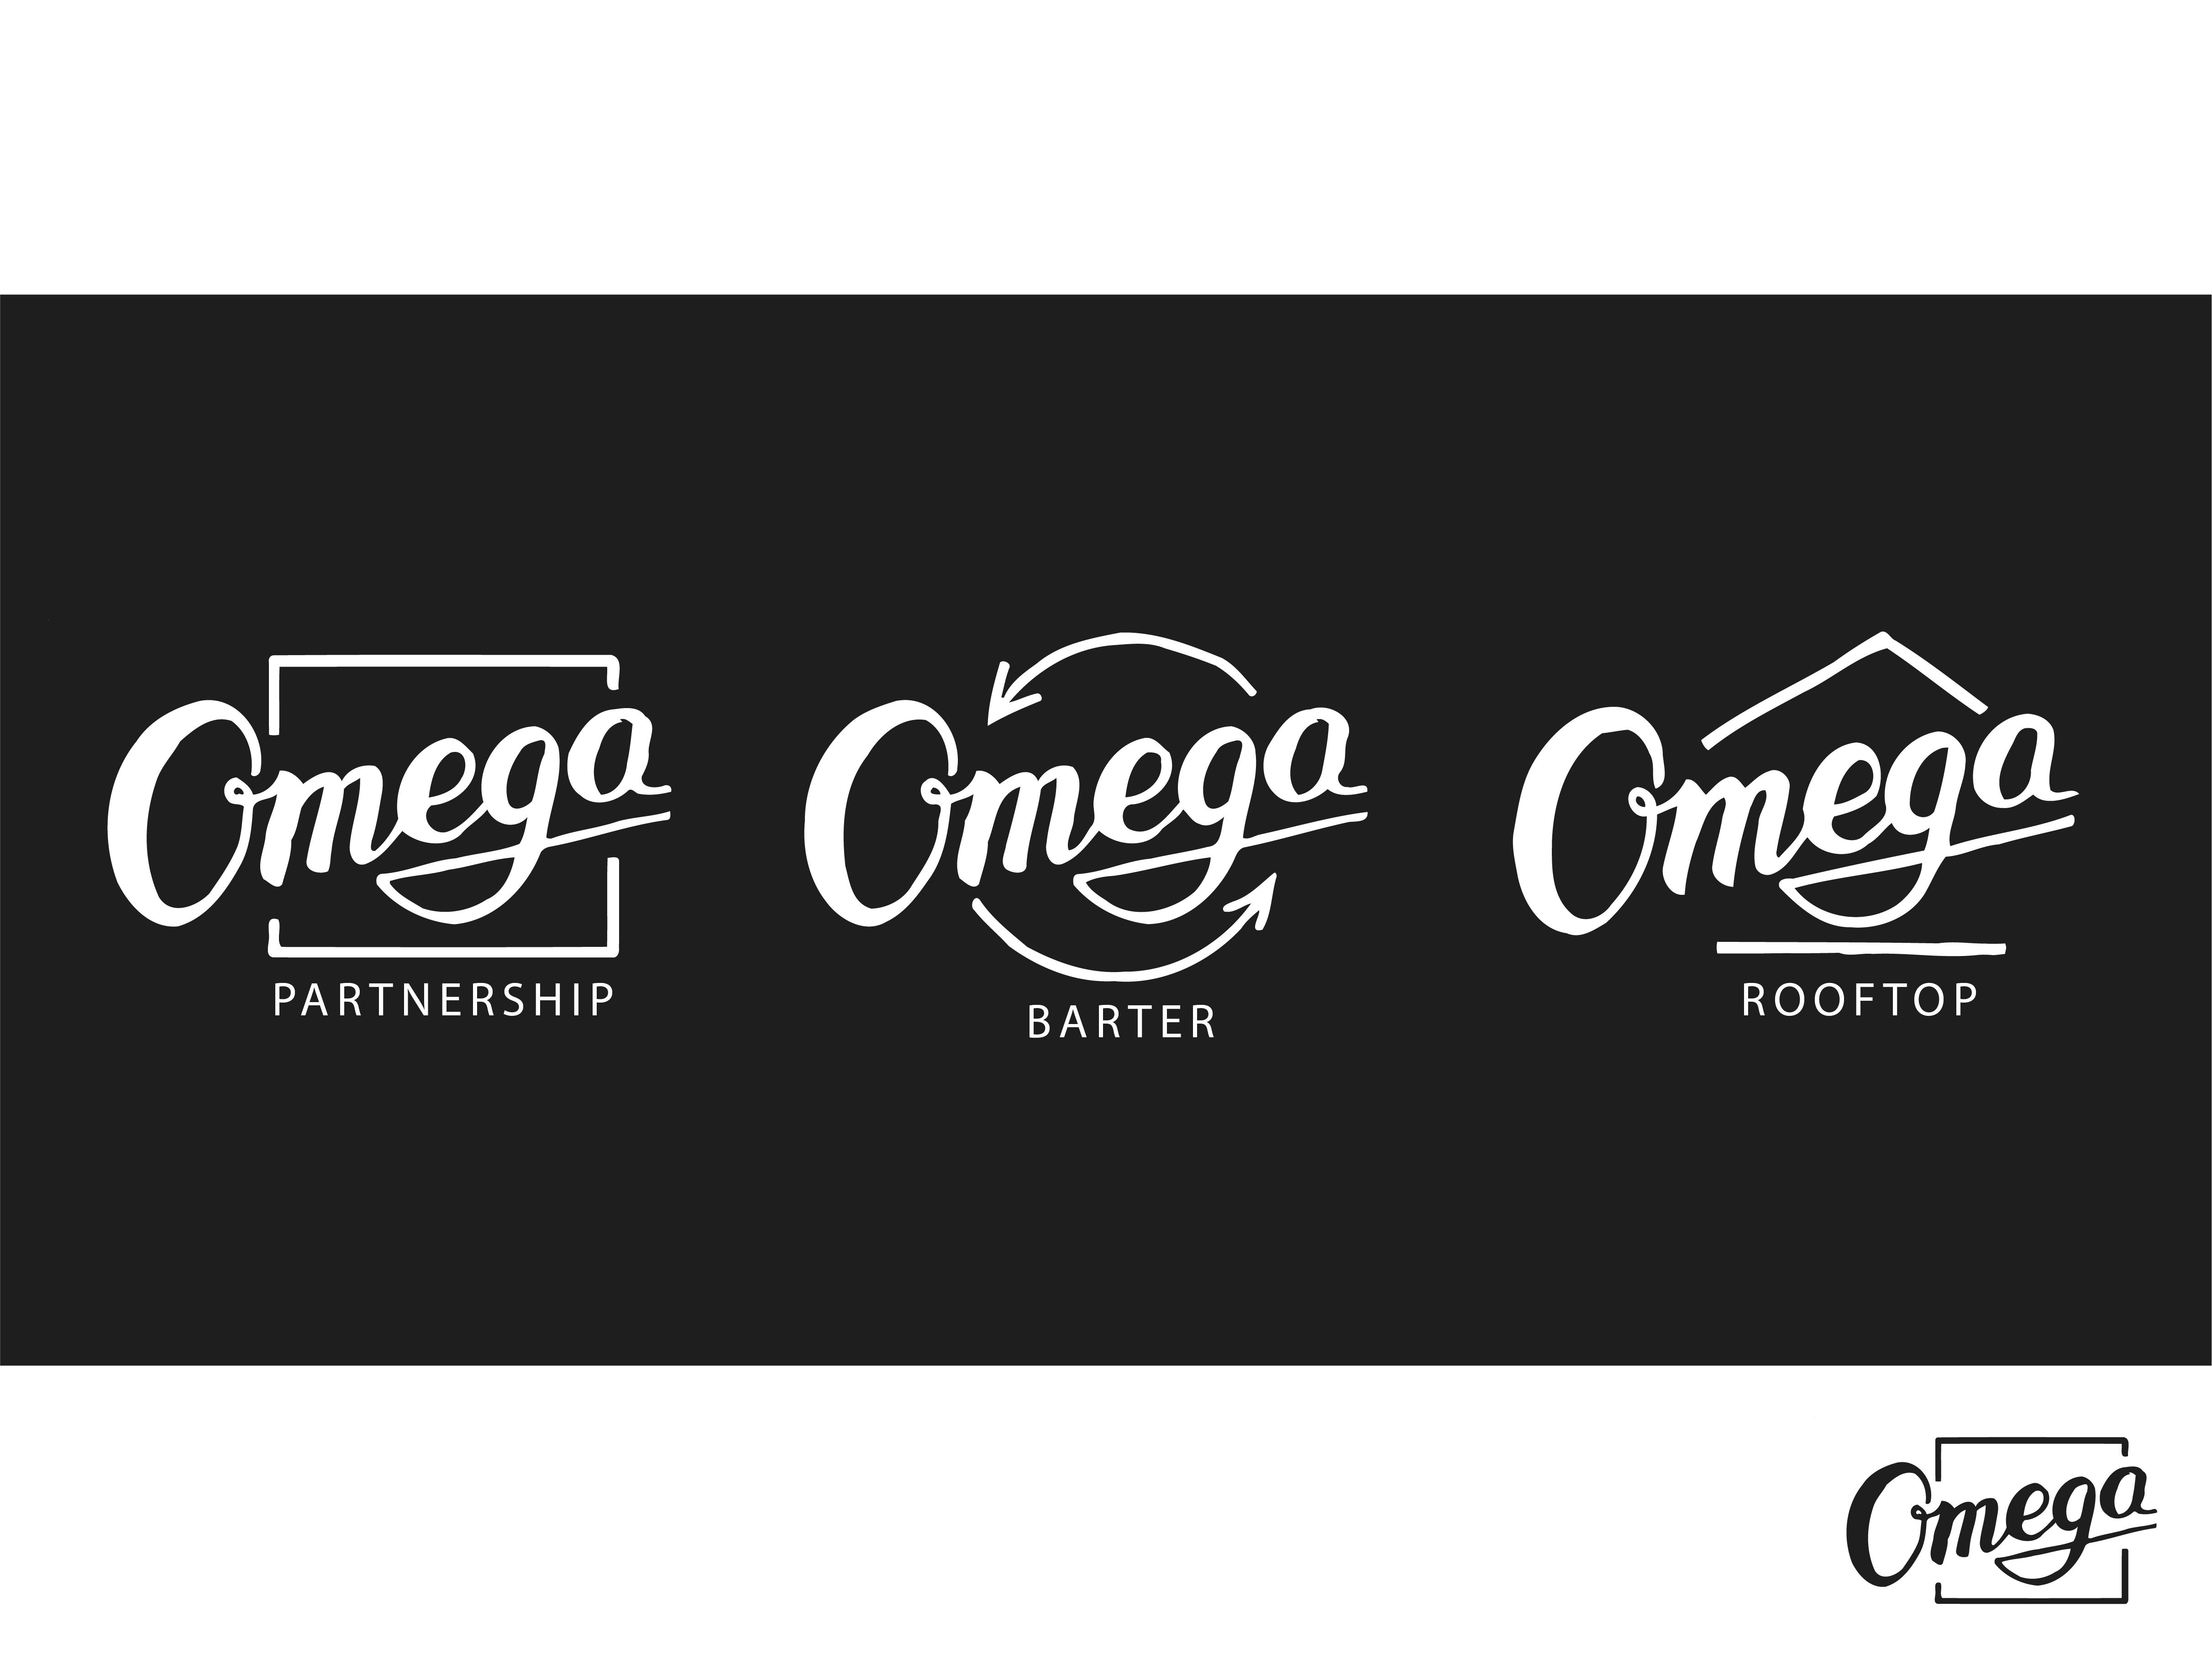 Придумать концепцию логотипа группы компаний фото f_5535b7d105a95411.png